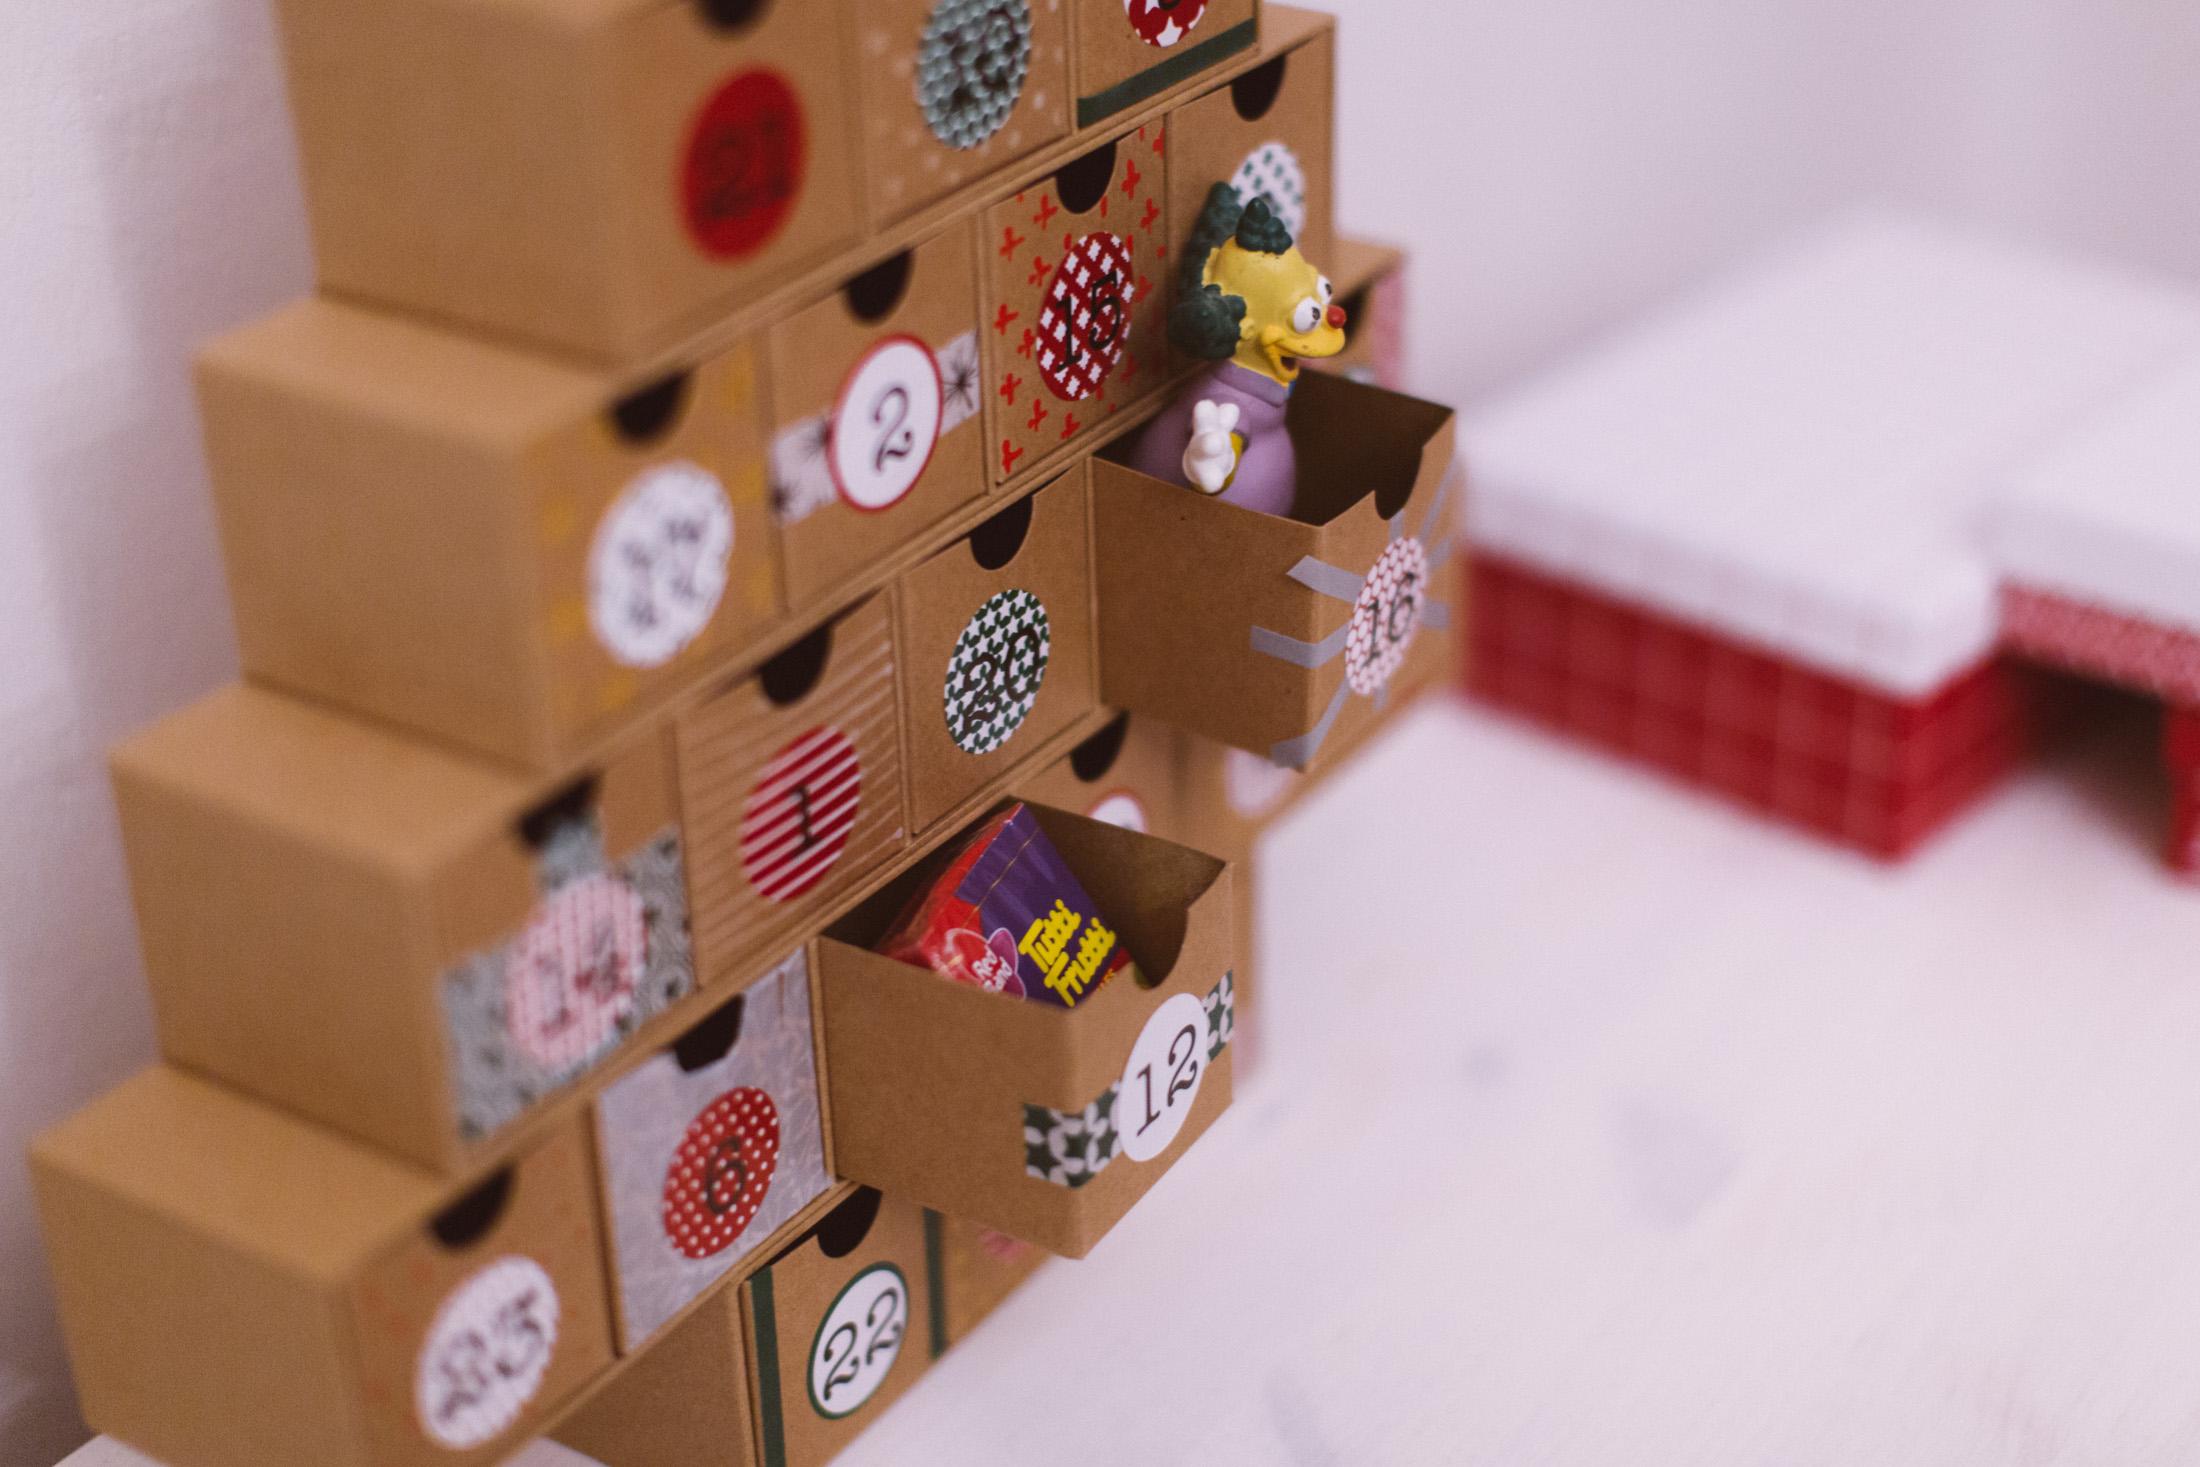 adventni kalendar tchibo Vytvořte si originální adventní kalendář – Tchibo adventni kalendar tchibo